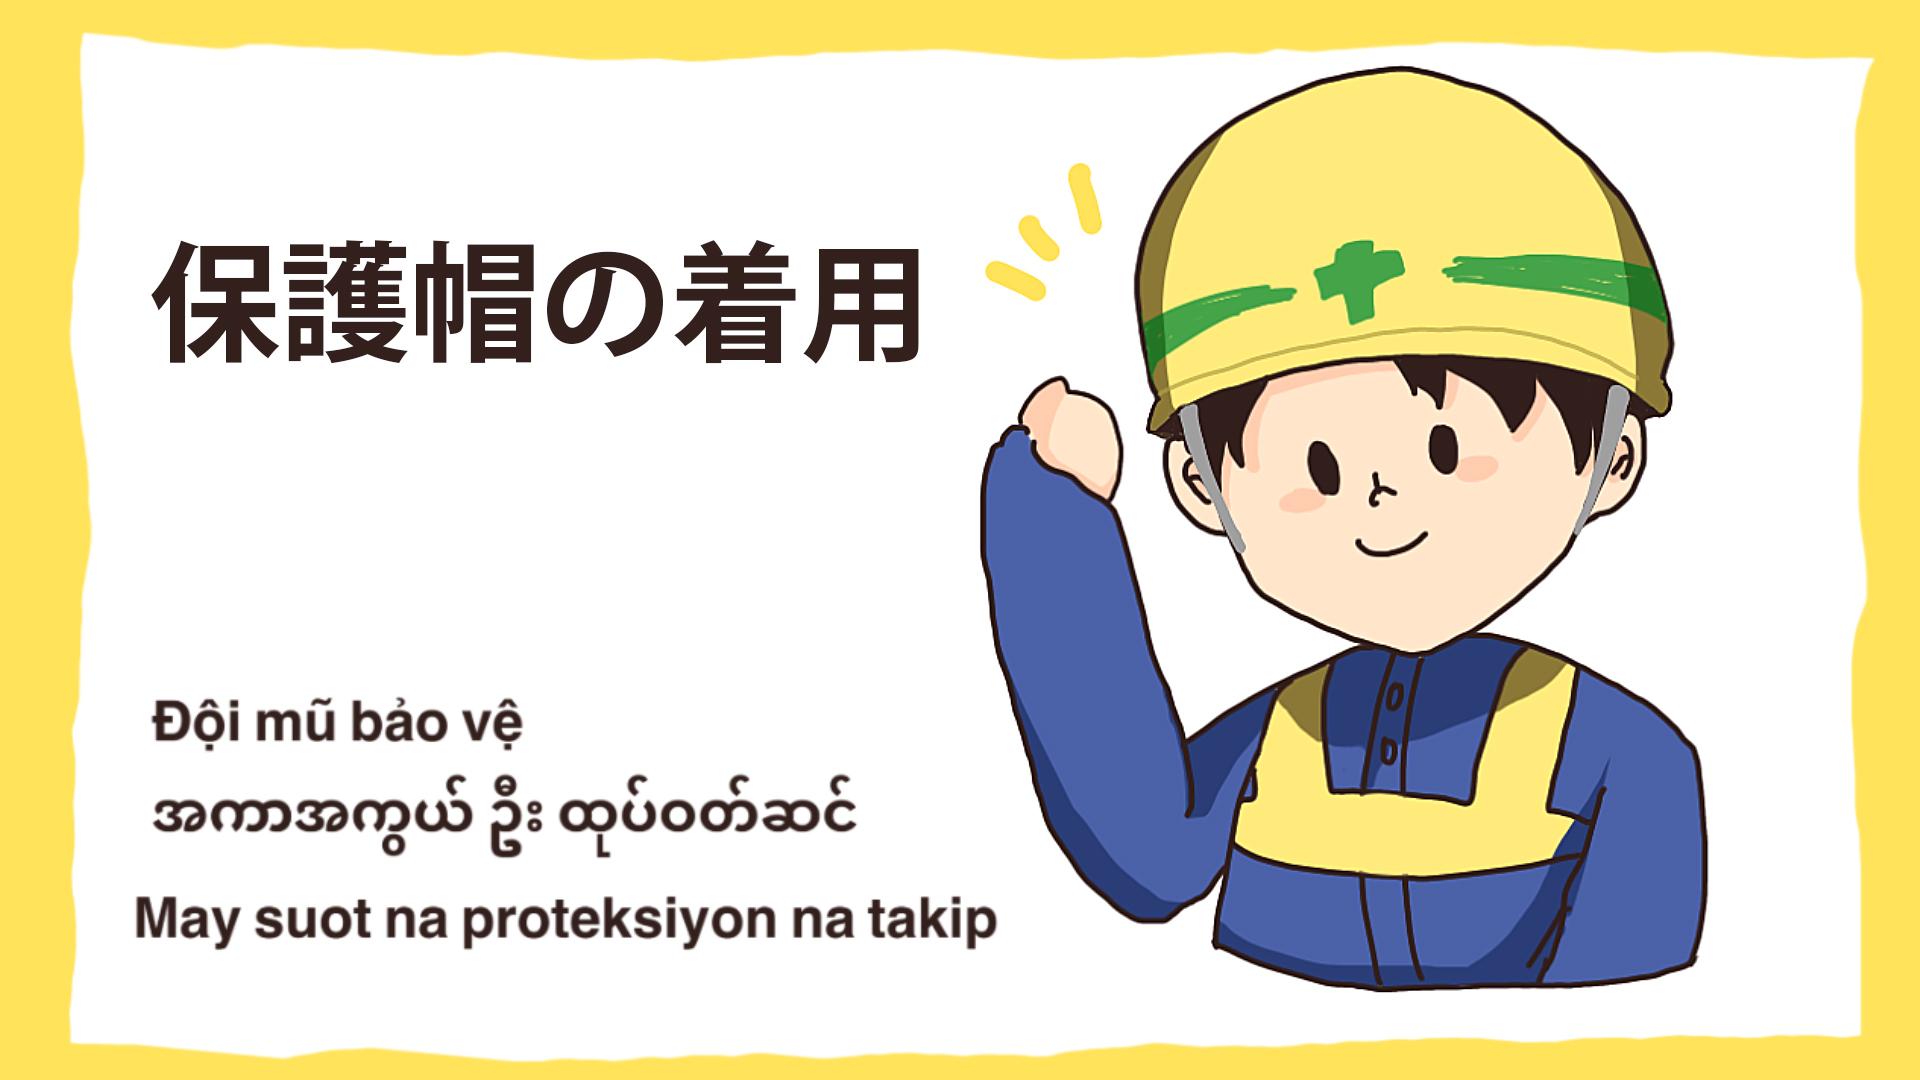 工事現場の安全イラスト-保護帽の着用